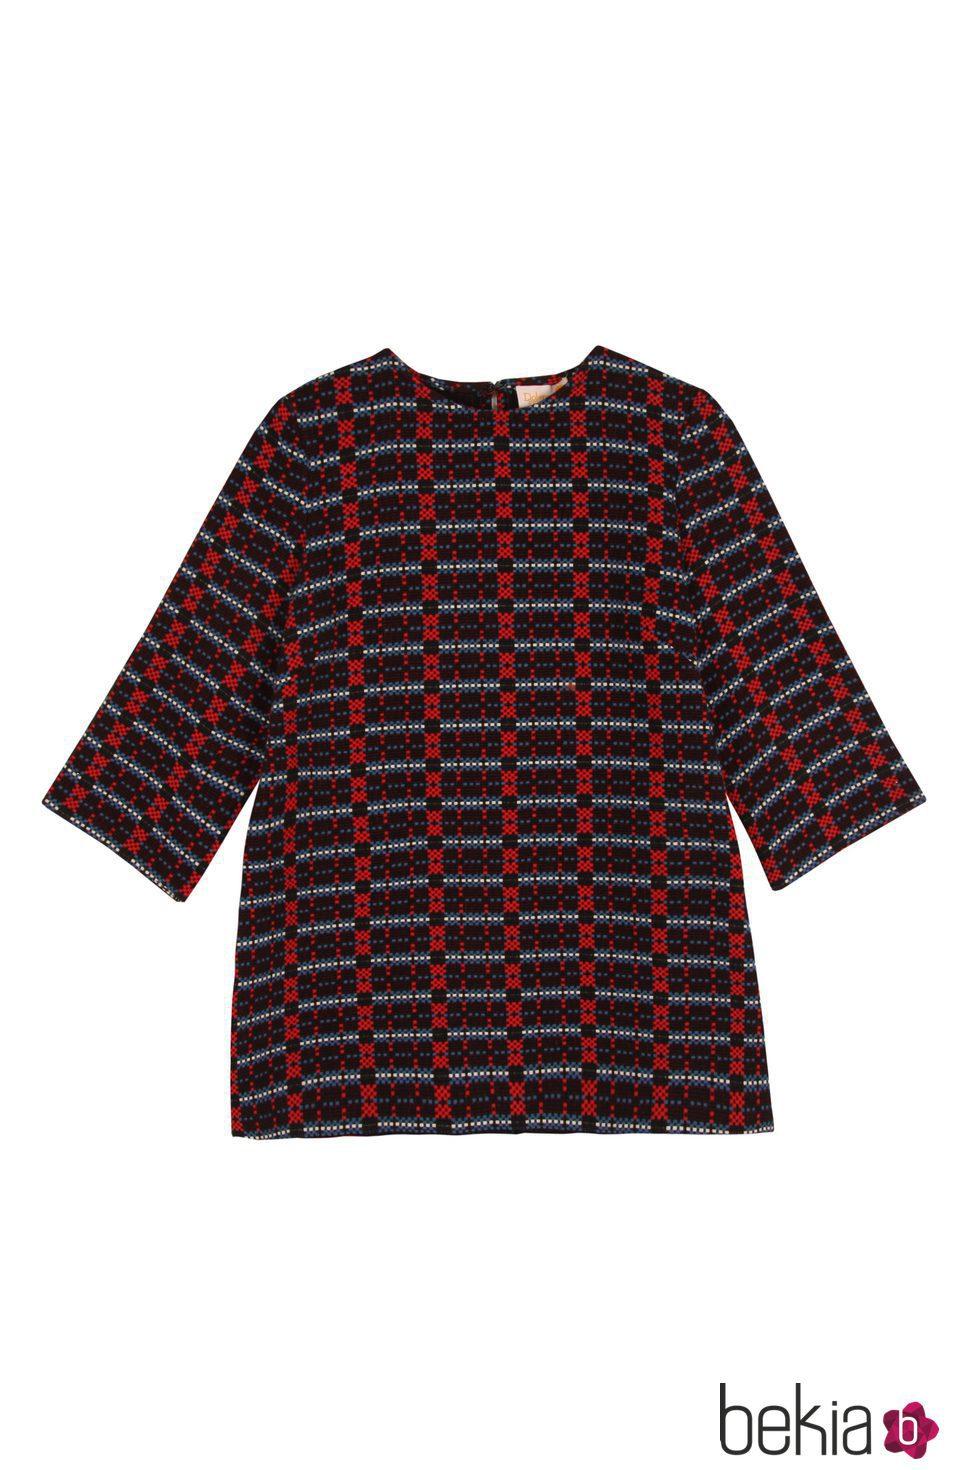 Jersey azul marino y rojo de estampado geométrico de la colección otoño/invierno 2015/2016 de Dolores Promesas